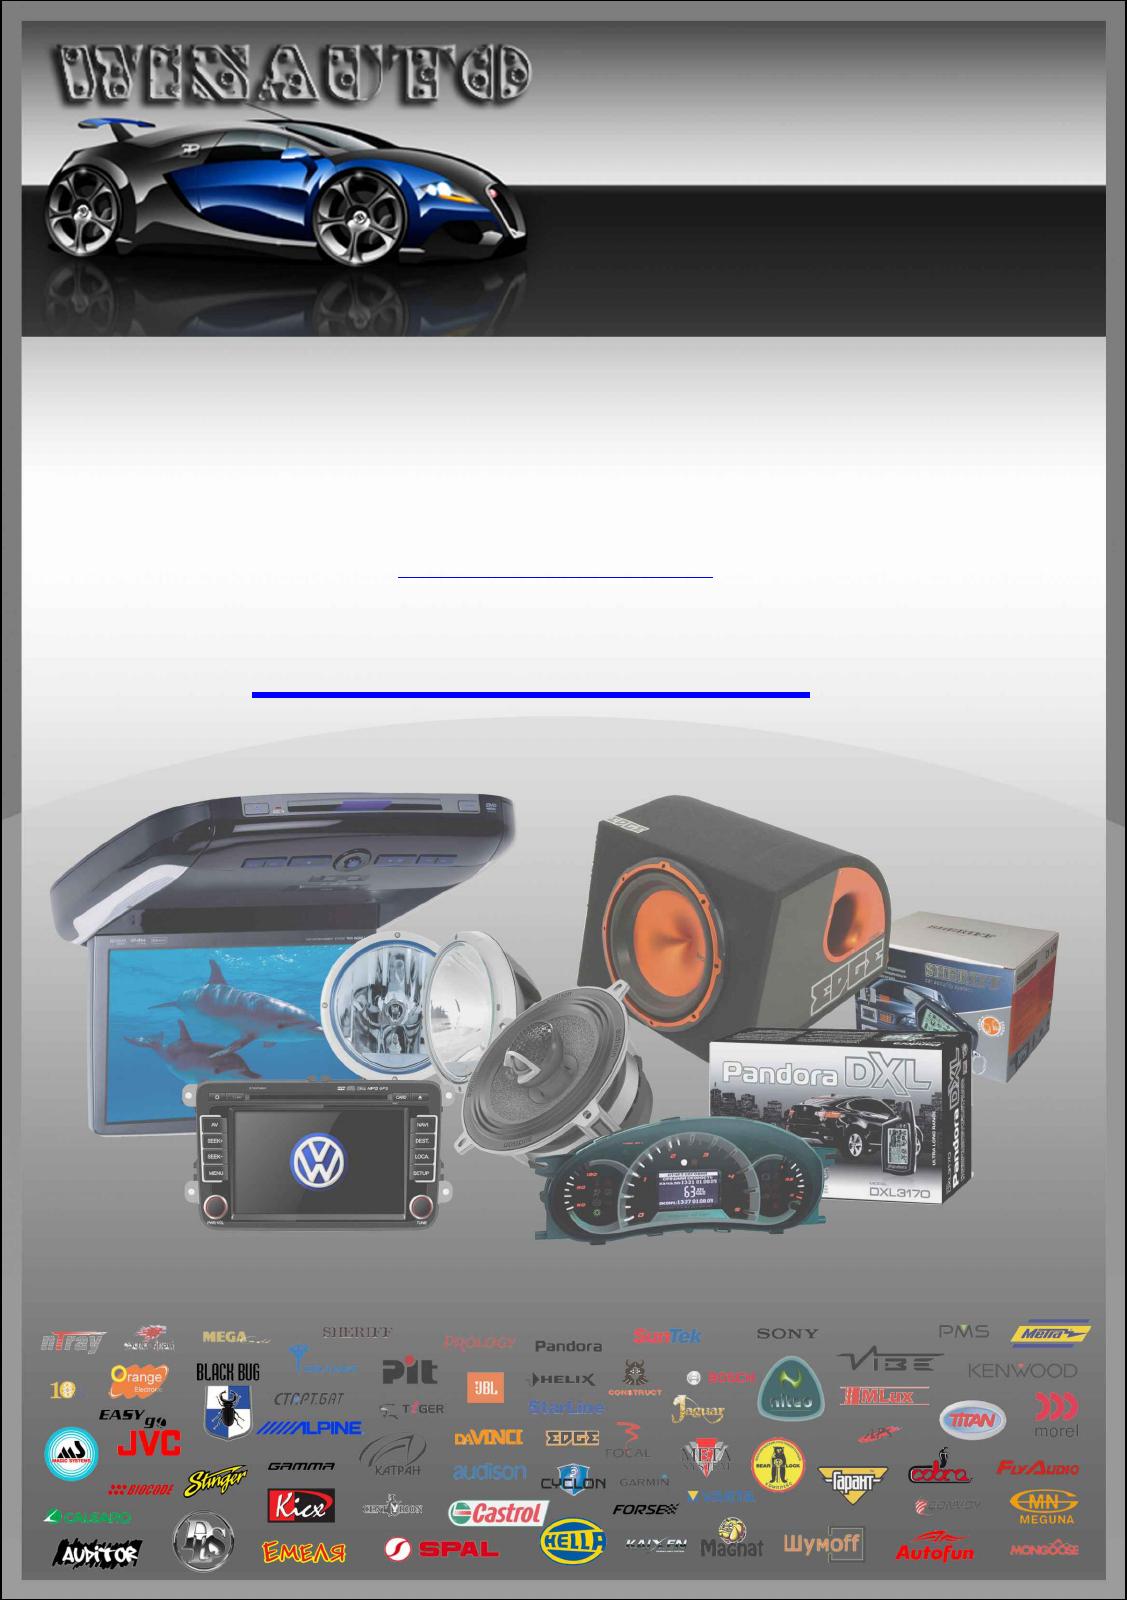 Handleiding Helix SPXL 1000 (pagina 4 van 9) (Deutsch, English)